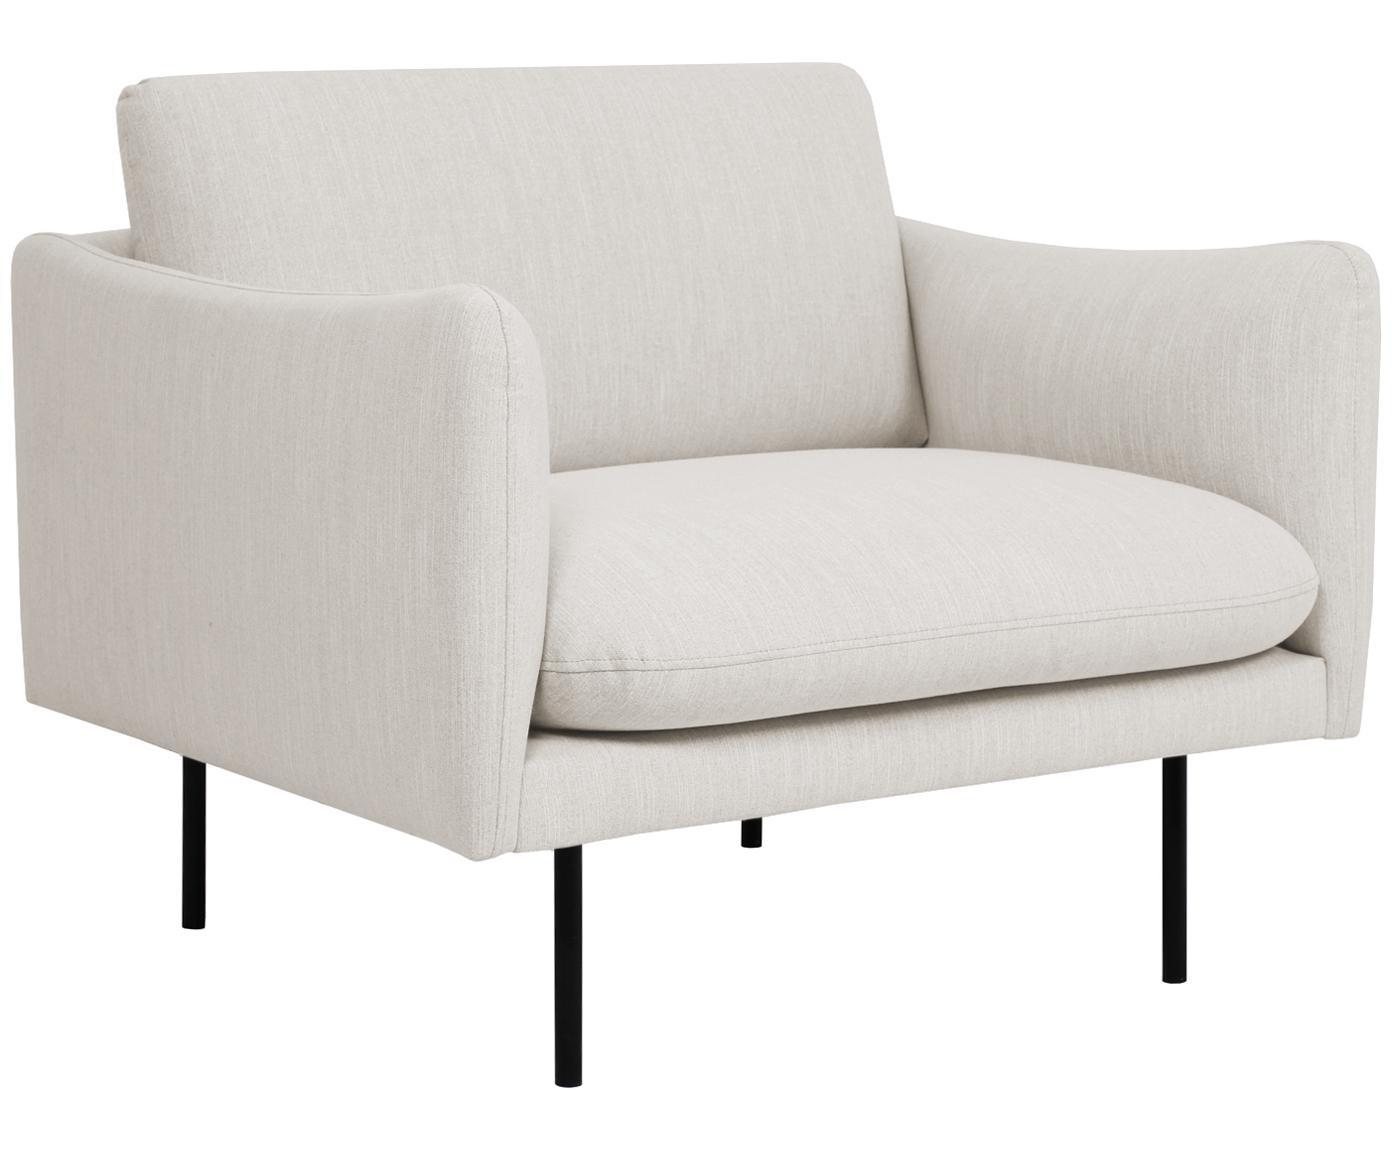 Sessel Moby, Bezug: Polyester 60.000 Scheuert, Gestell: Massives Kiefernholz, Füße: Metall, pulverbeschichtet, Webstoff Beige, B 90 x T 90 cm